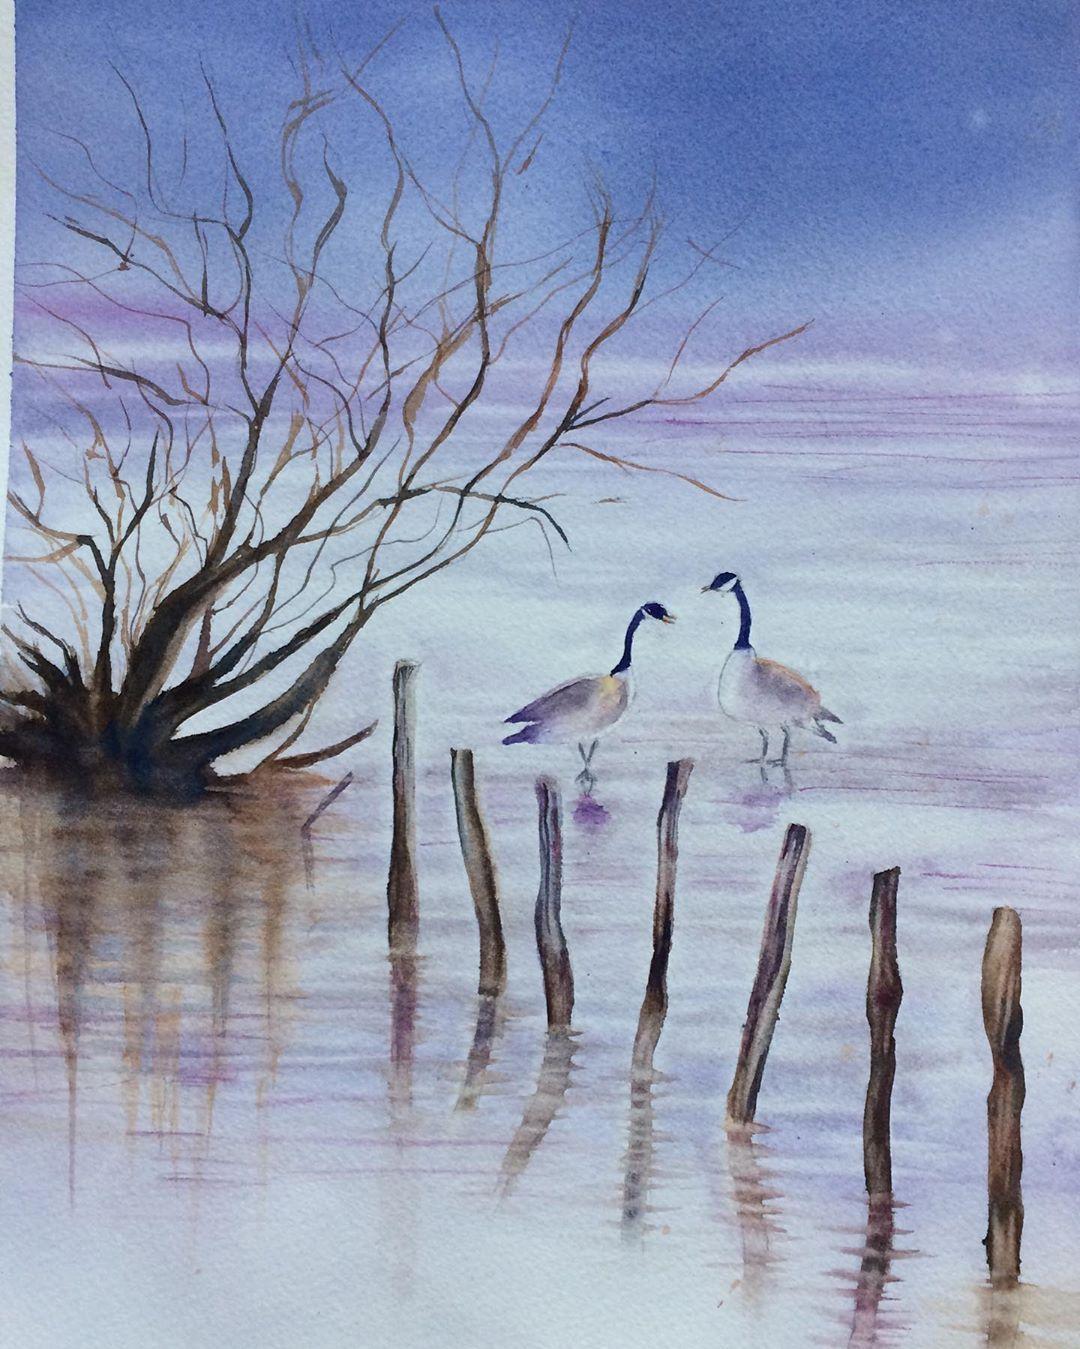 Hiver#aquarelle#aquarellepainting #aquarelleart #aquarellegallery #watercolor#watercolorpainting #watercolor_blog...